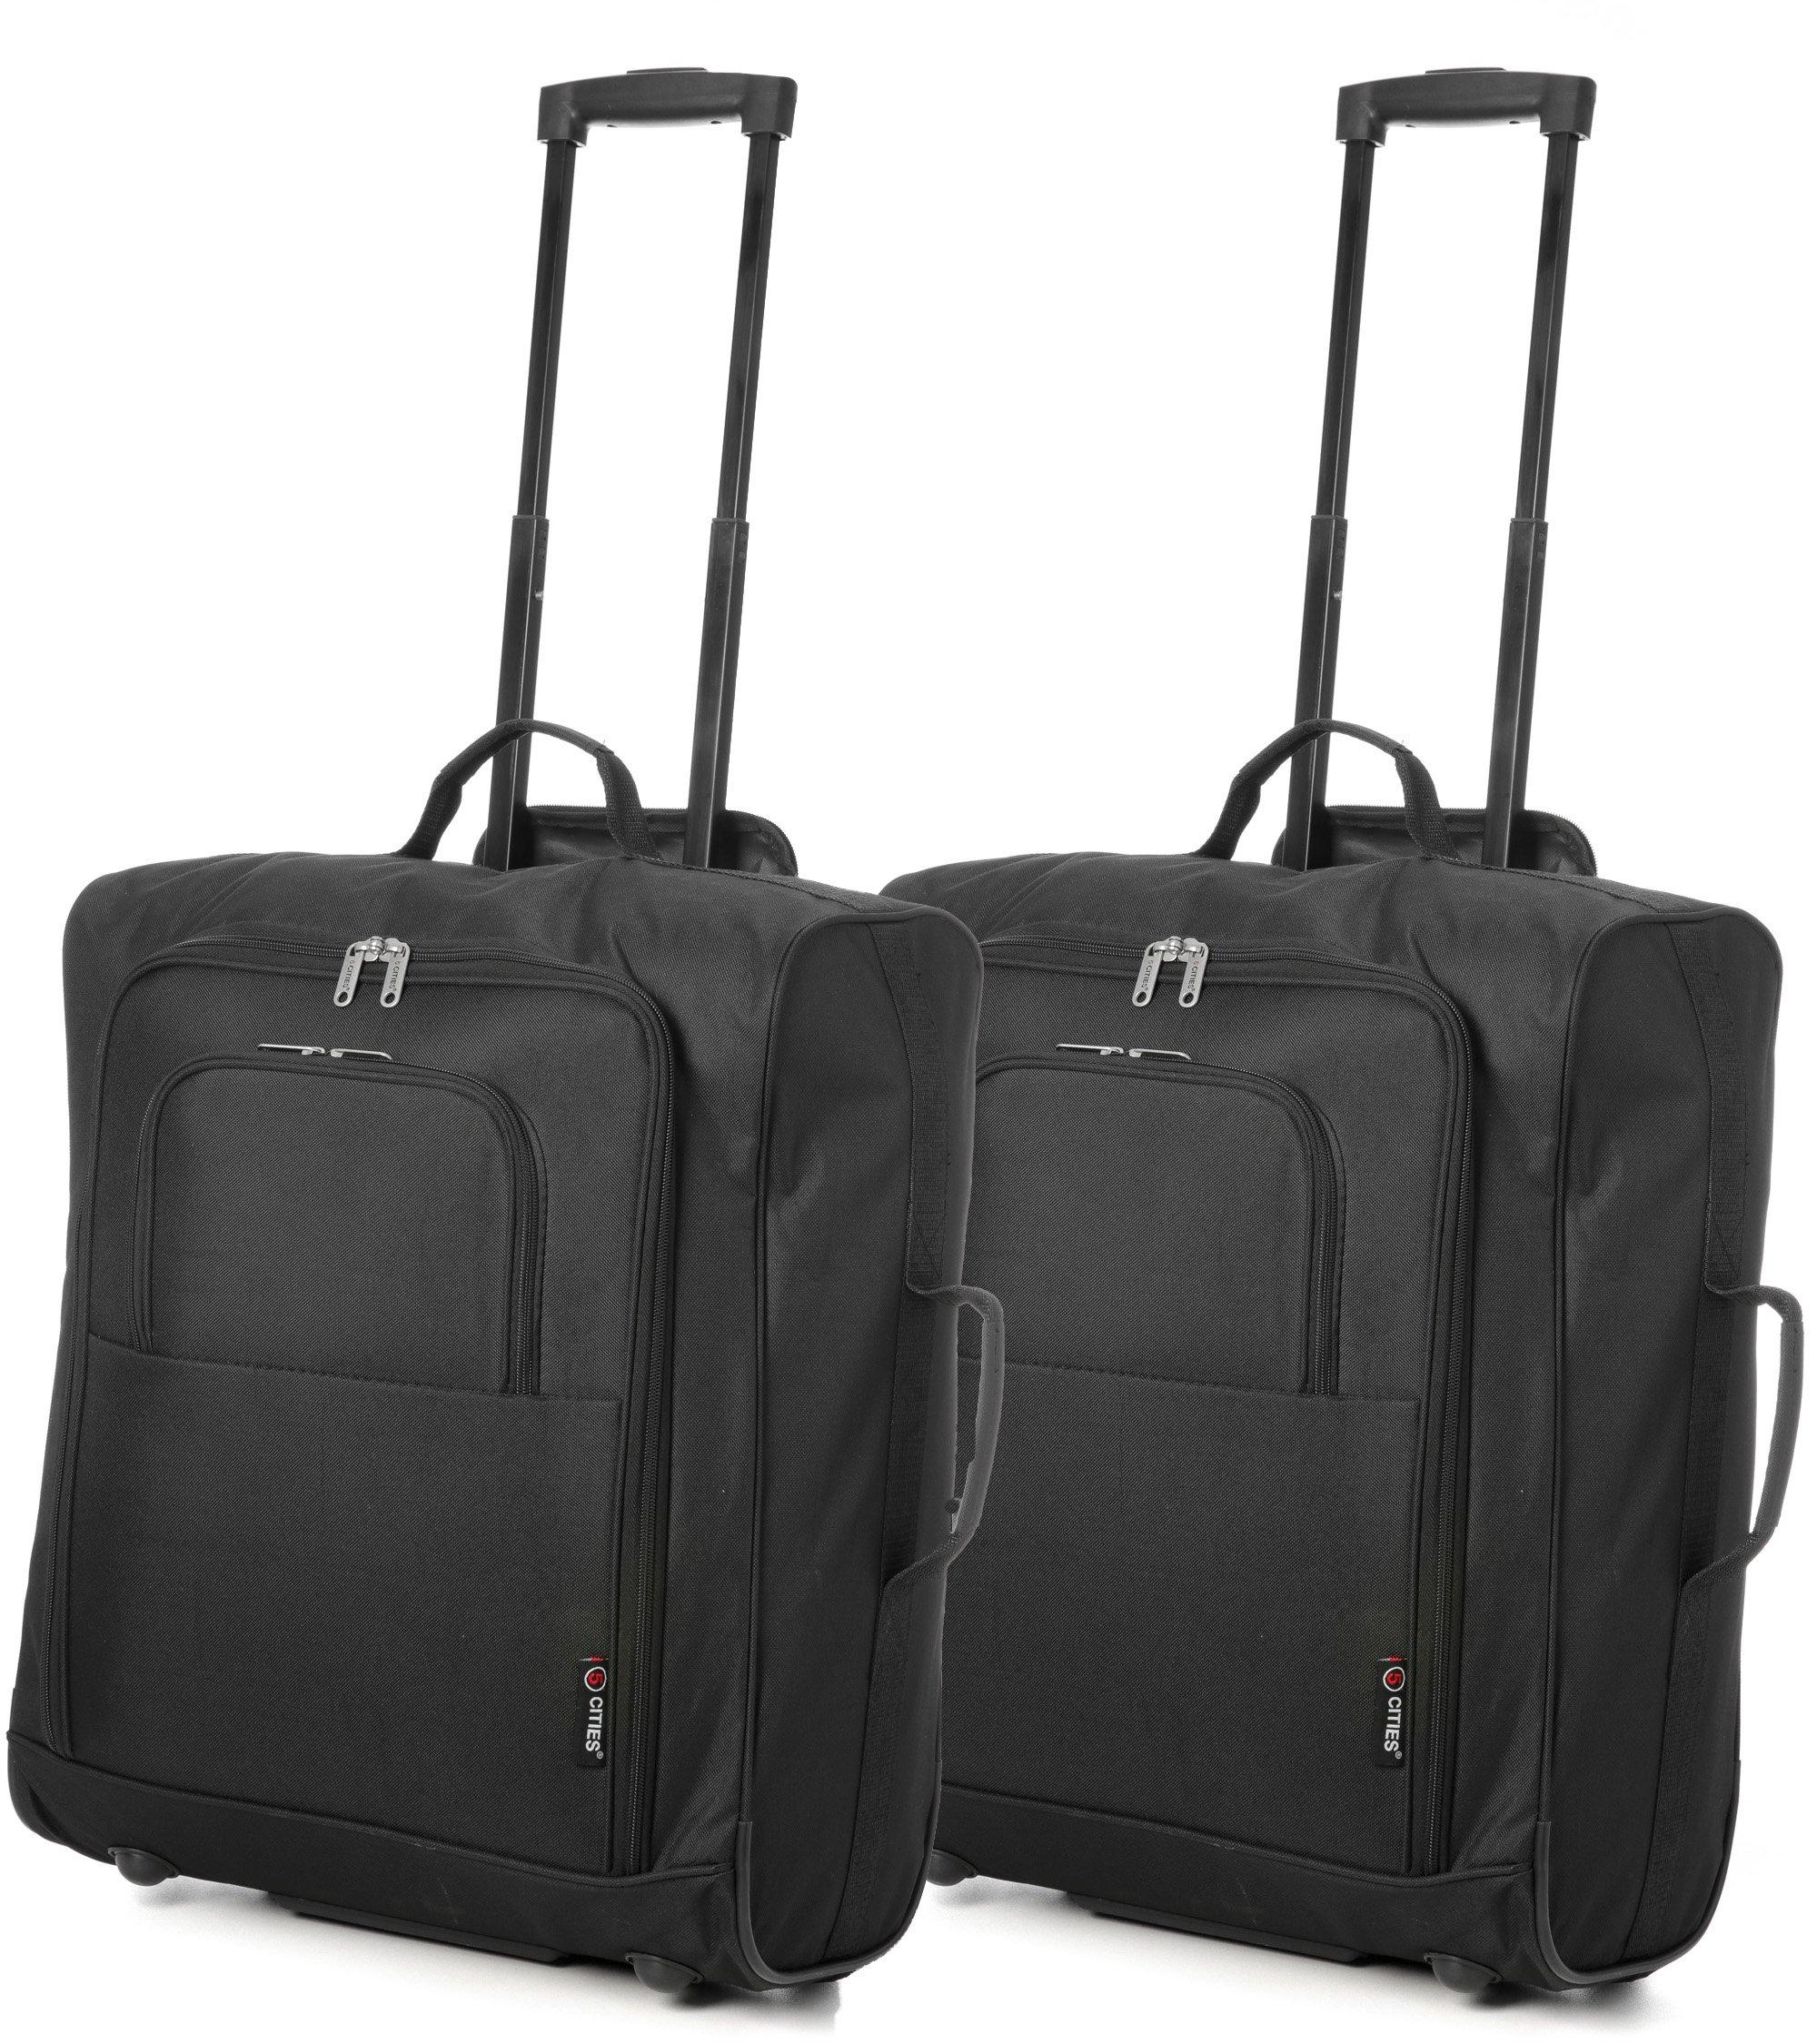 91SylkeuhGL - Easyjet e British Airways 56x45x25cm bagaglio a Mano massima approvato Trolley, 60L Capacità,(2X Negro)